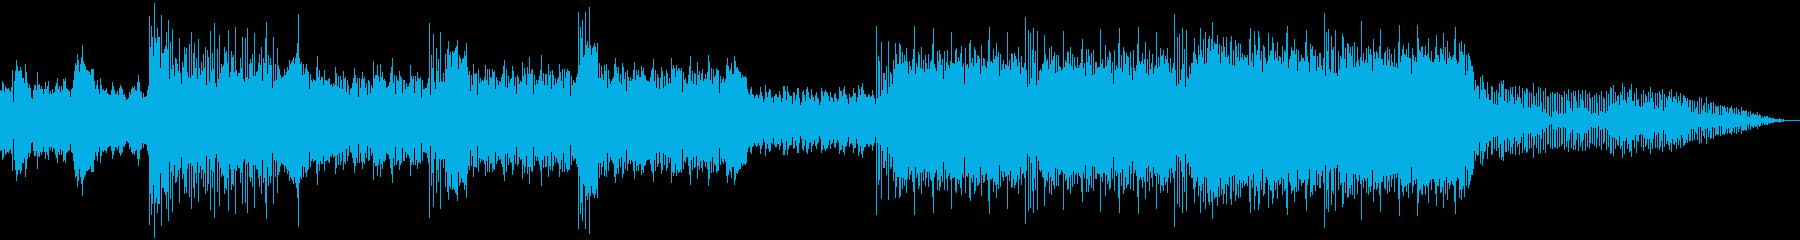 レースゲーム向きテンポの速いDnBの再生済みの波形